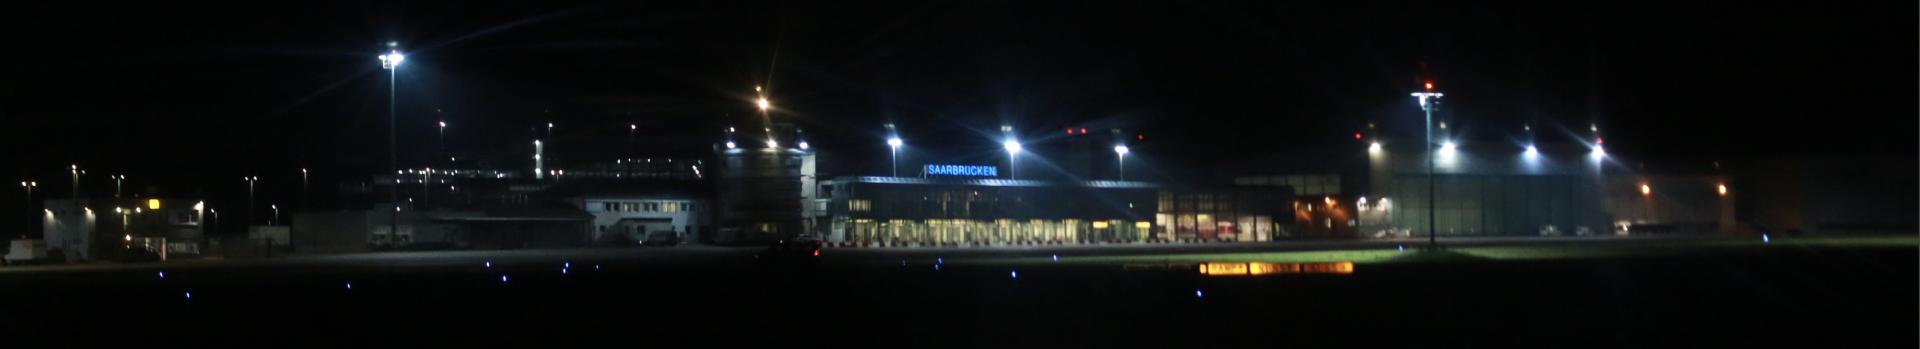 Aeronautenclub Don Bosco